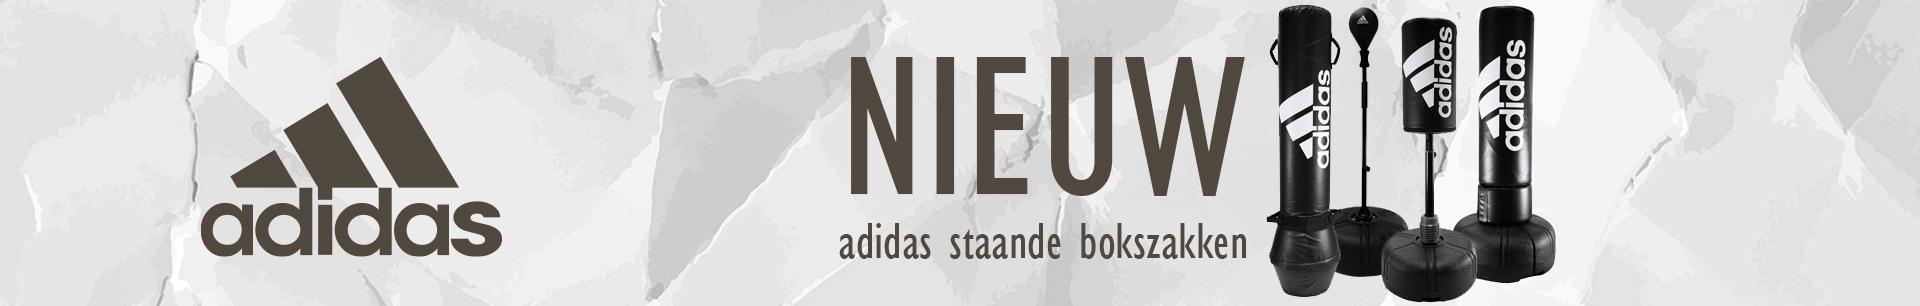 adidas staande bokszakken